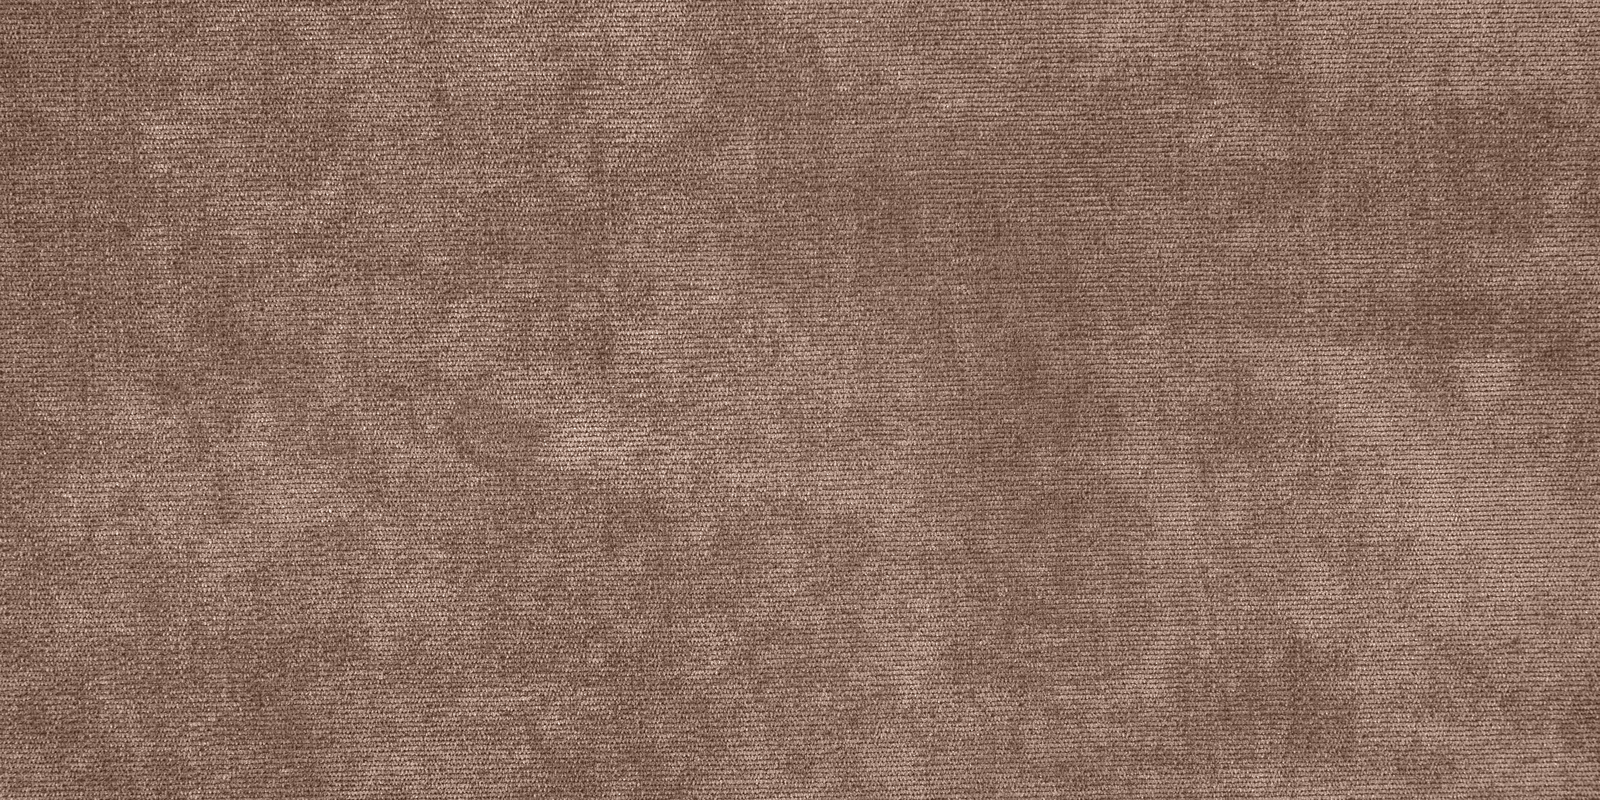 Диван тканевый угловой Атланта Dana светло-коричневый (Вельвет)